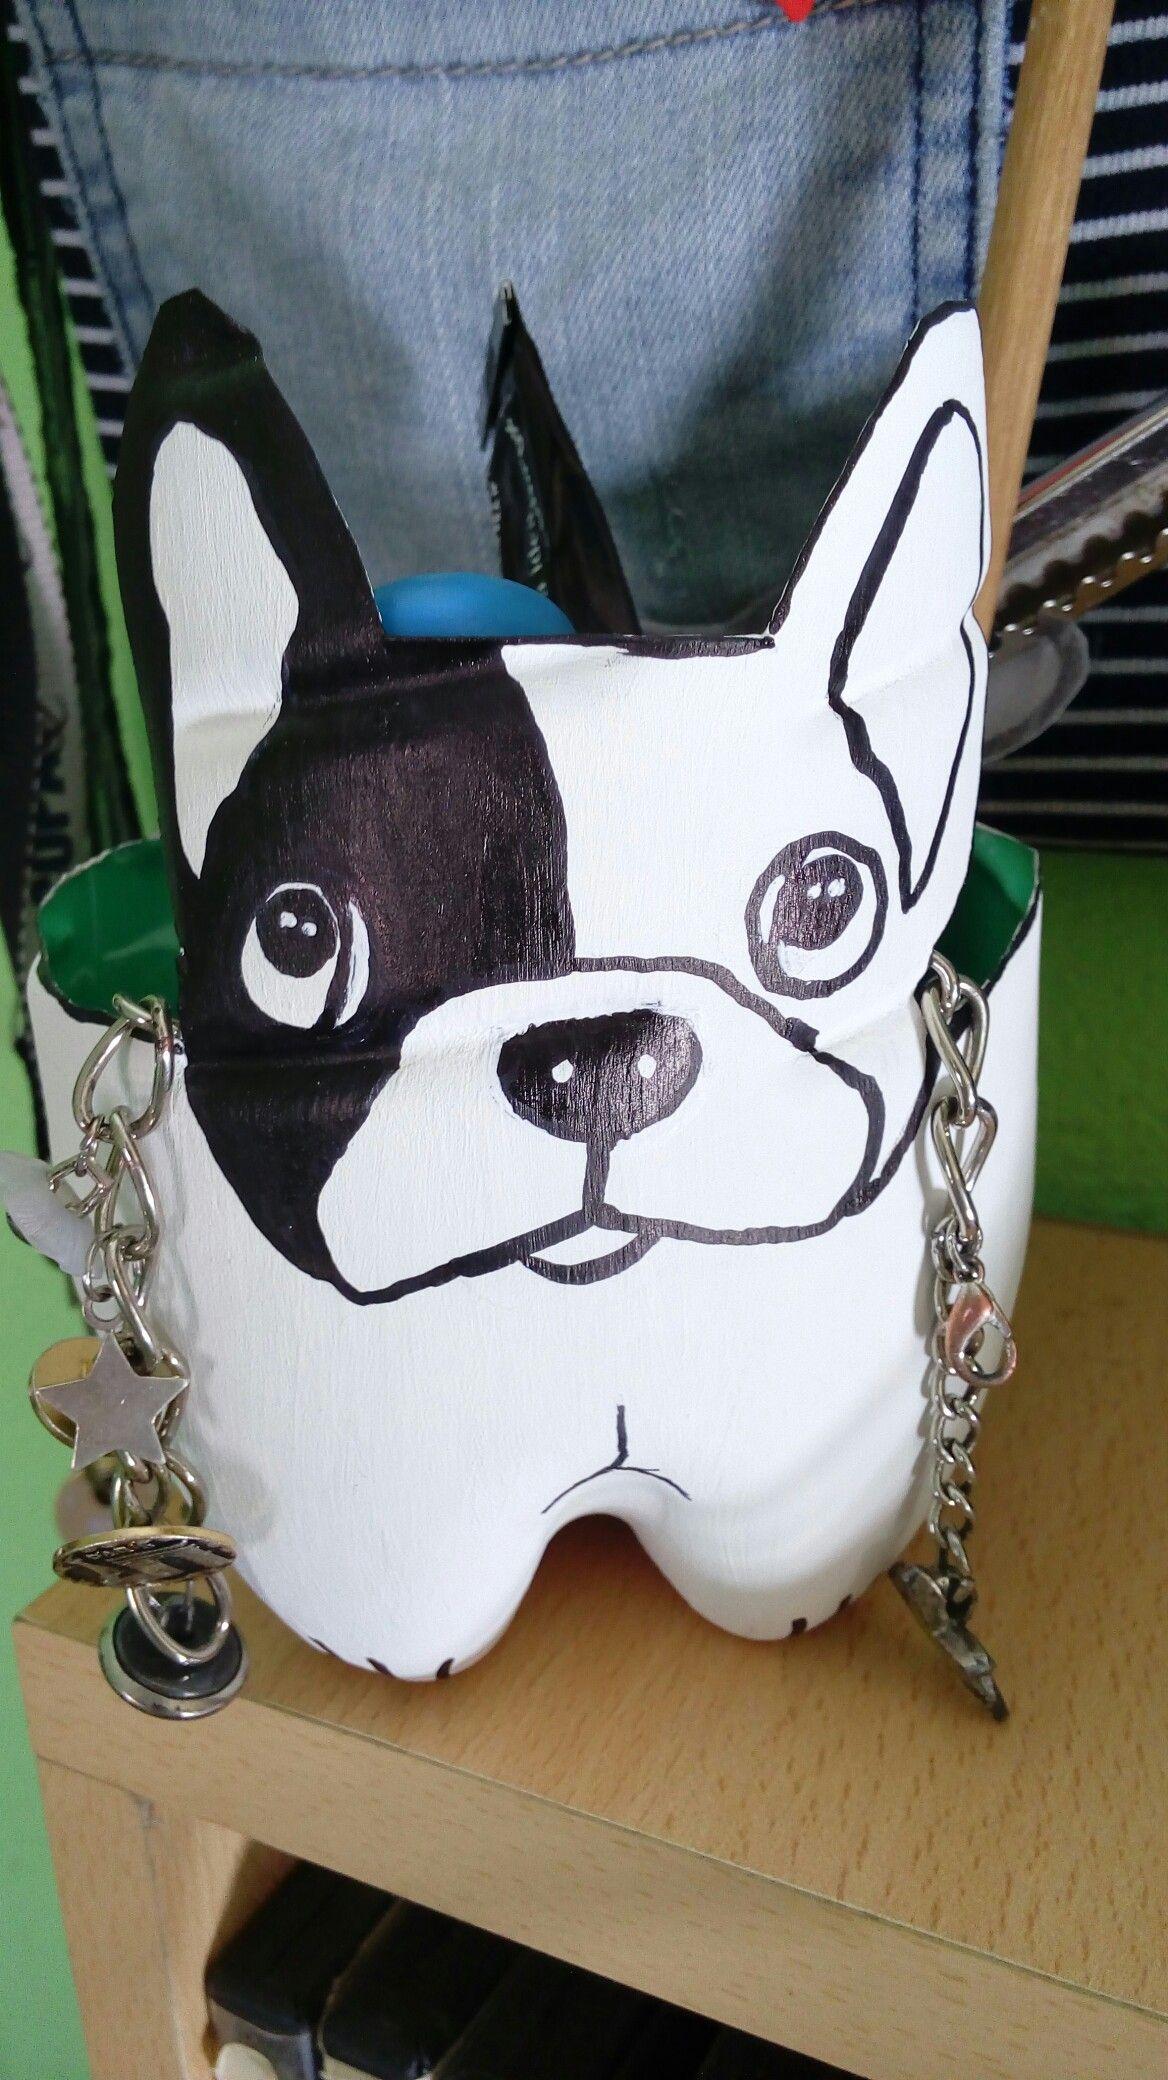 Reciclaje Con Botella Porta Lapices O Cosas Dibujo Bulldog Frances Toledo Sanzetenea Bf Pinterest French Bulldogs